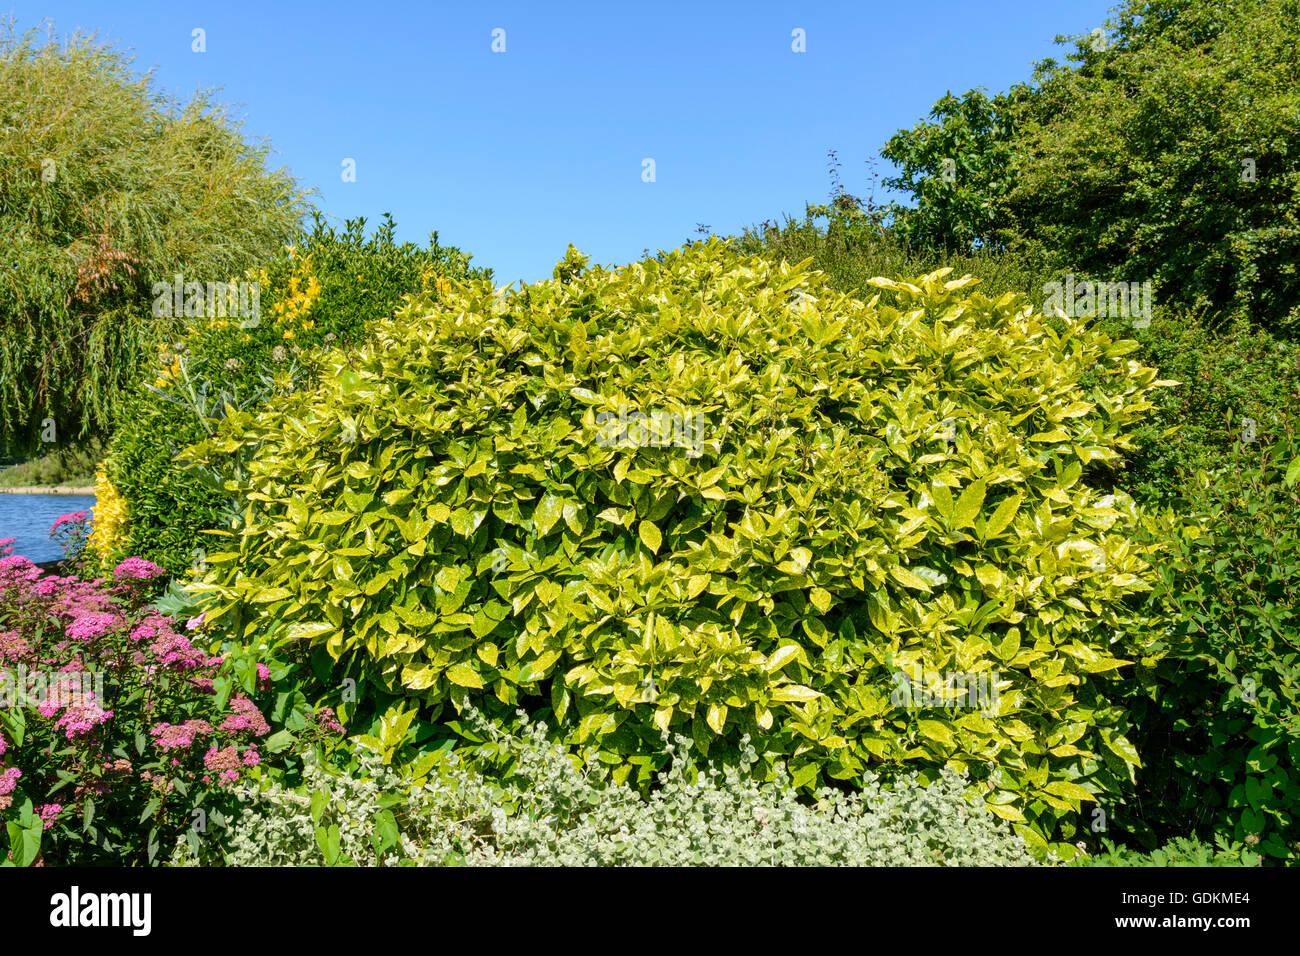 Japanische Laurel (Aucuba Japonica) Strauch wächst in einem Park im Sommer in Großbritannien. Stockbild